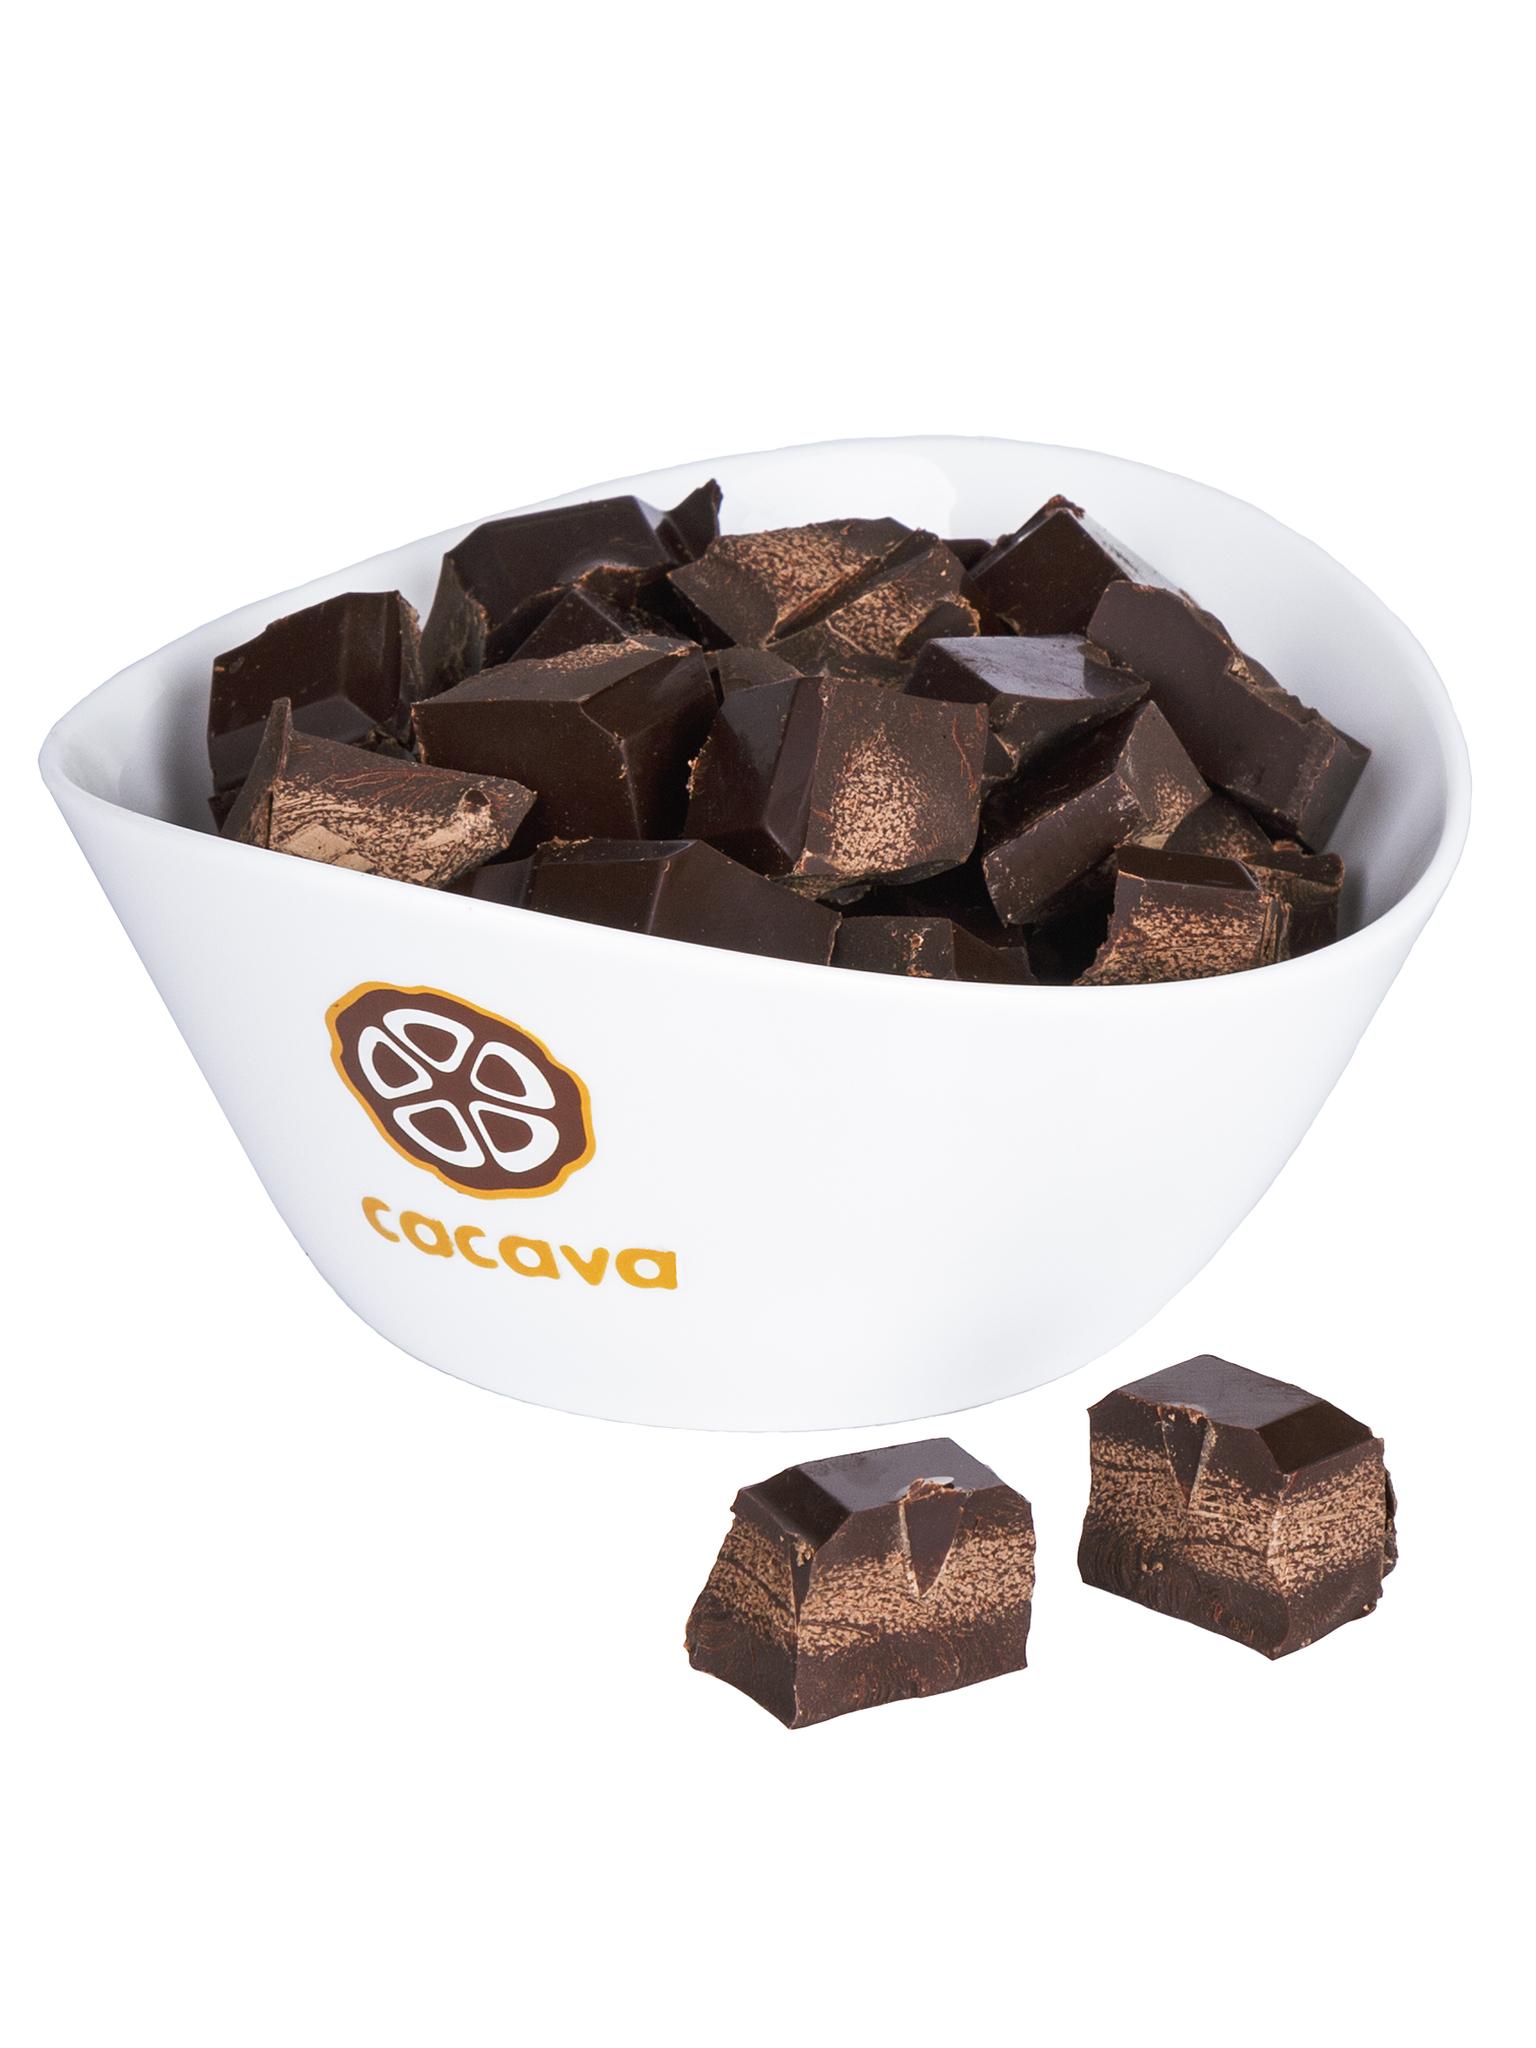 Горький шоколад 88 % какао (Венесуэла), внешний вид